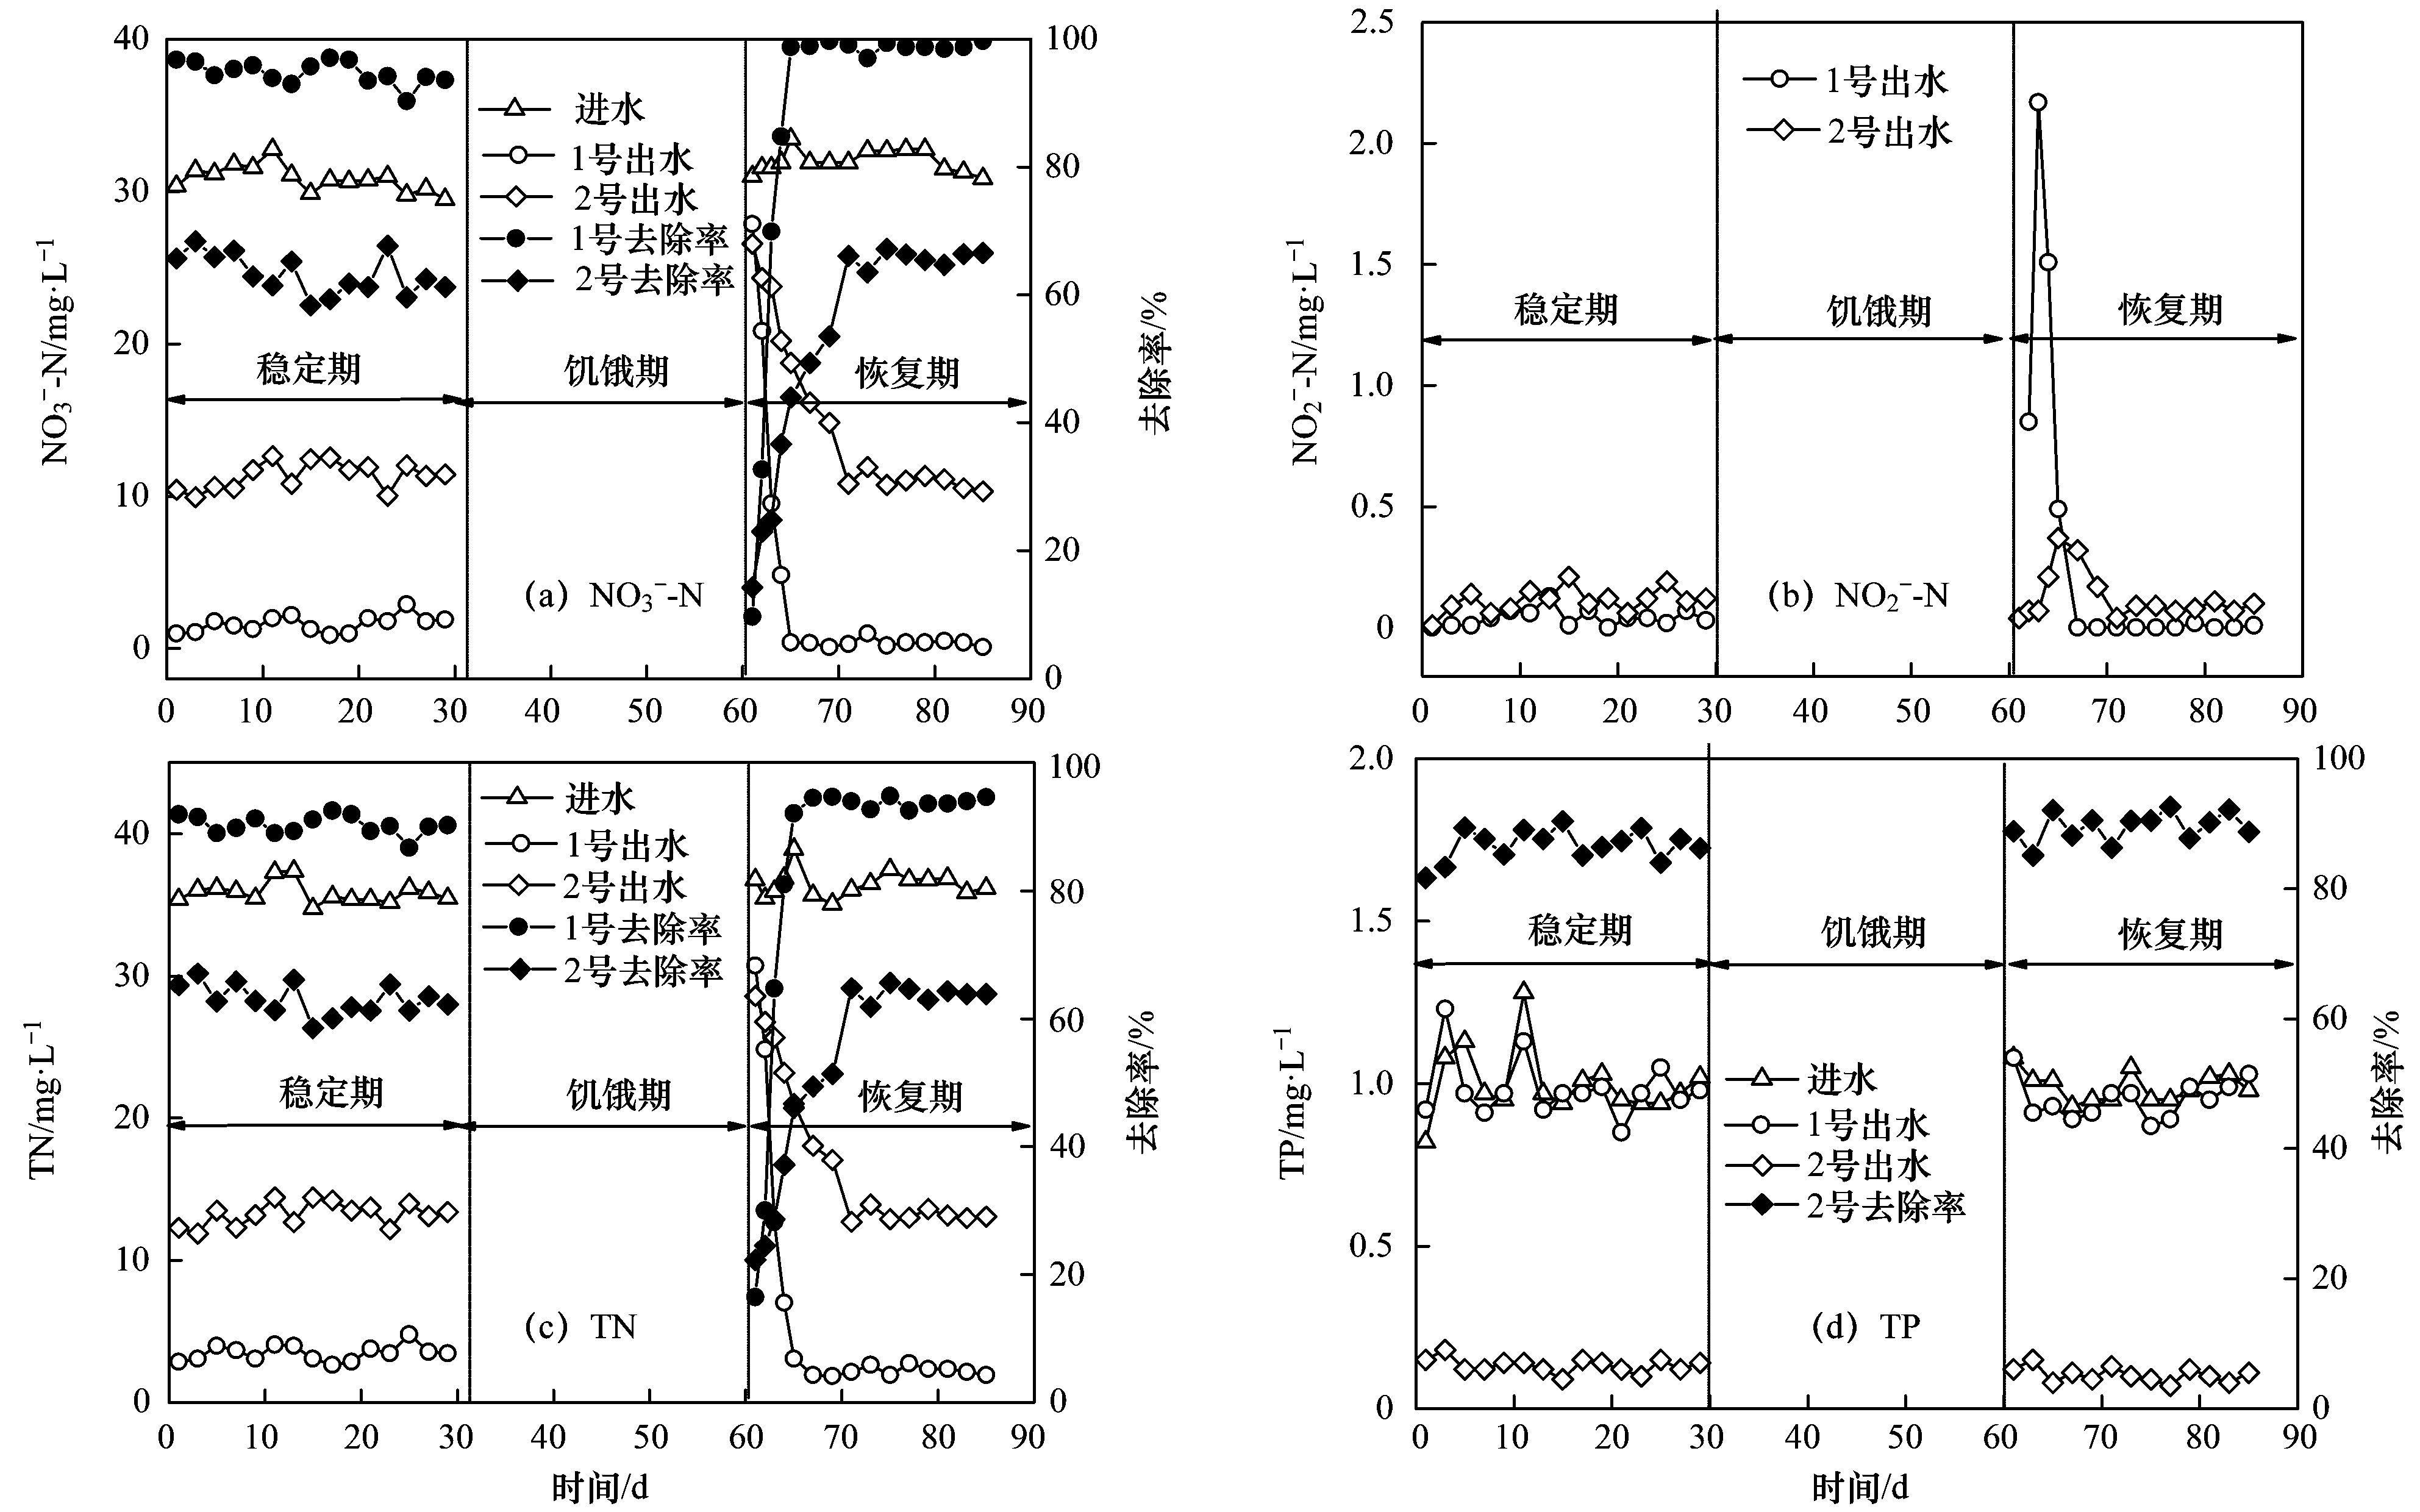 图 2 饥饿前后反应器NO3--N、NO2--N、TN、TP的变化   反应器稳定运行后,停止进水,进入饥饿期.经过30 d的饥饿忍耐后,反应器在低温下(14) 恢复进水,进入恢复期.由图 2可以看出,饥饿忍耐后,1号反应器出水NO3--N增加到27.87 mgL-1,2号反应器出水NO3--N增加到26.56 mgL-1.